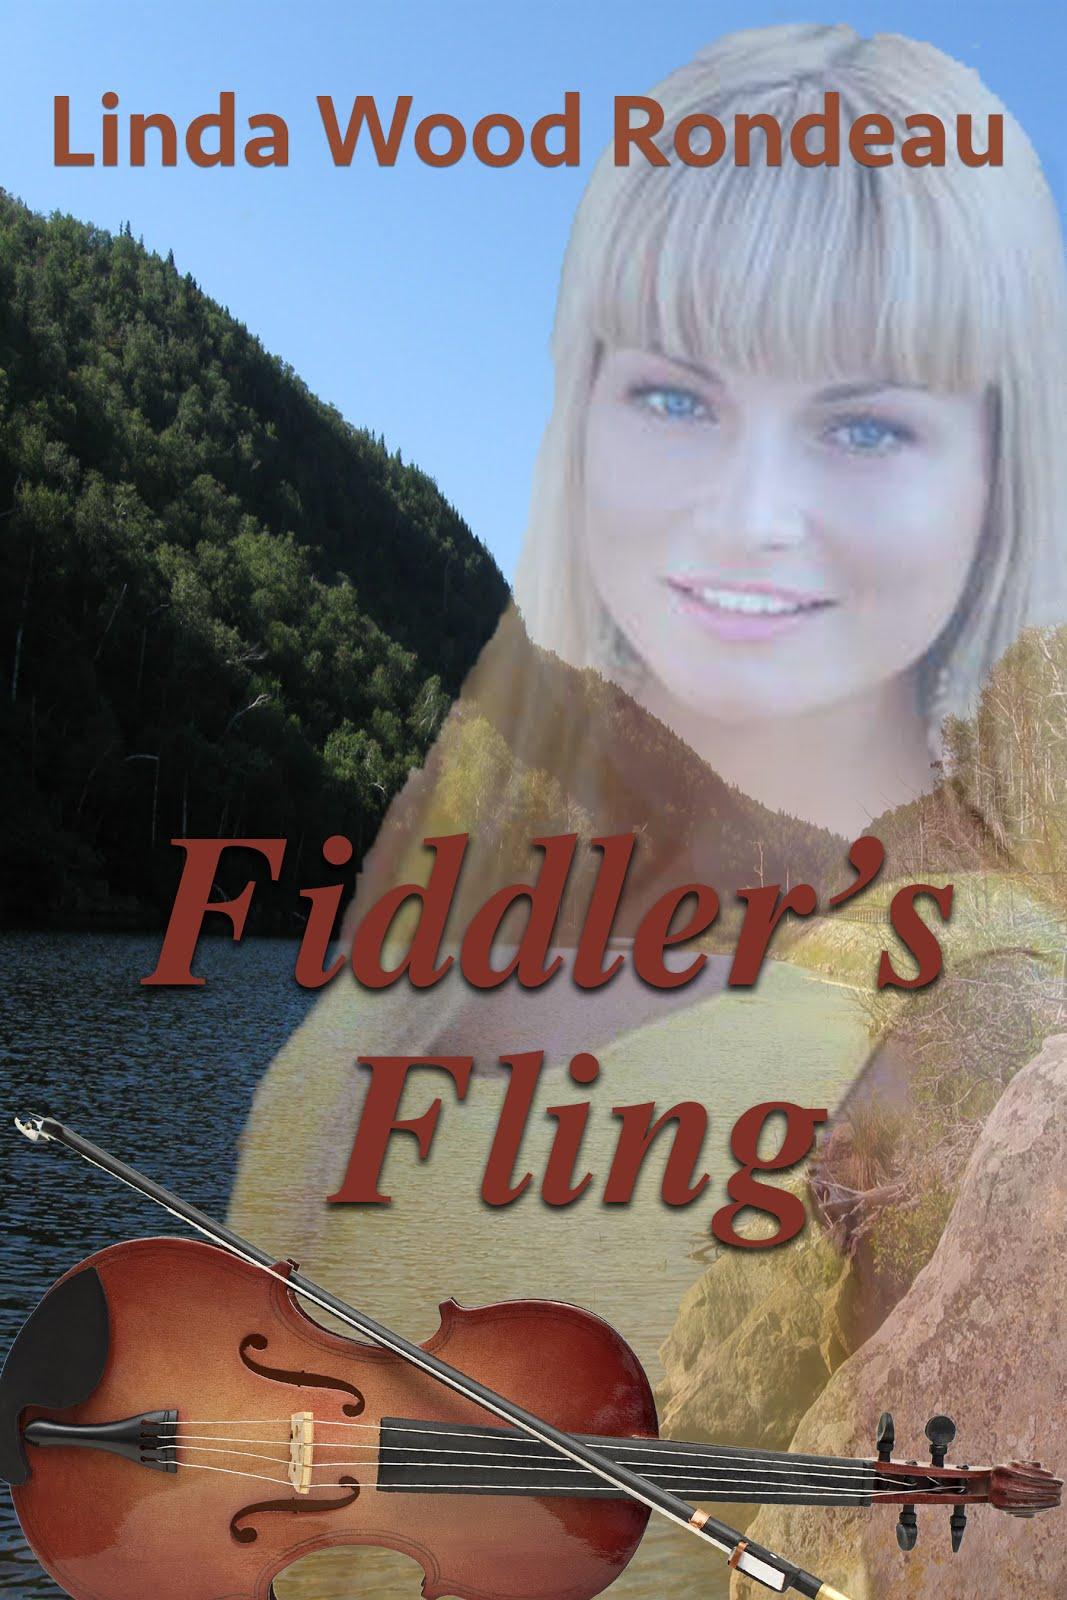 Fiddler's Fling